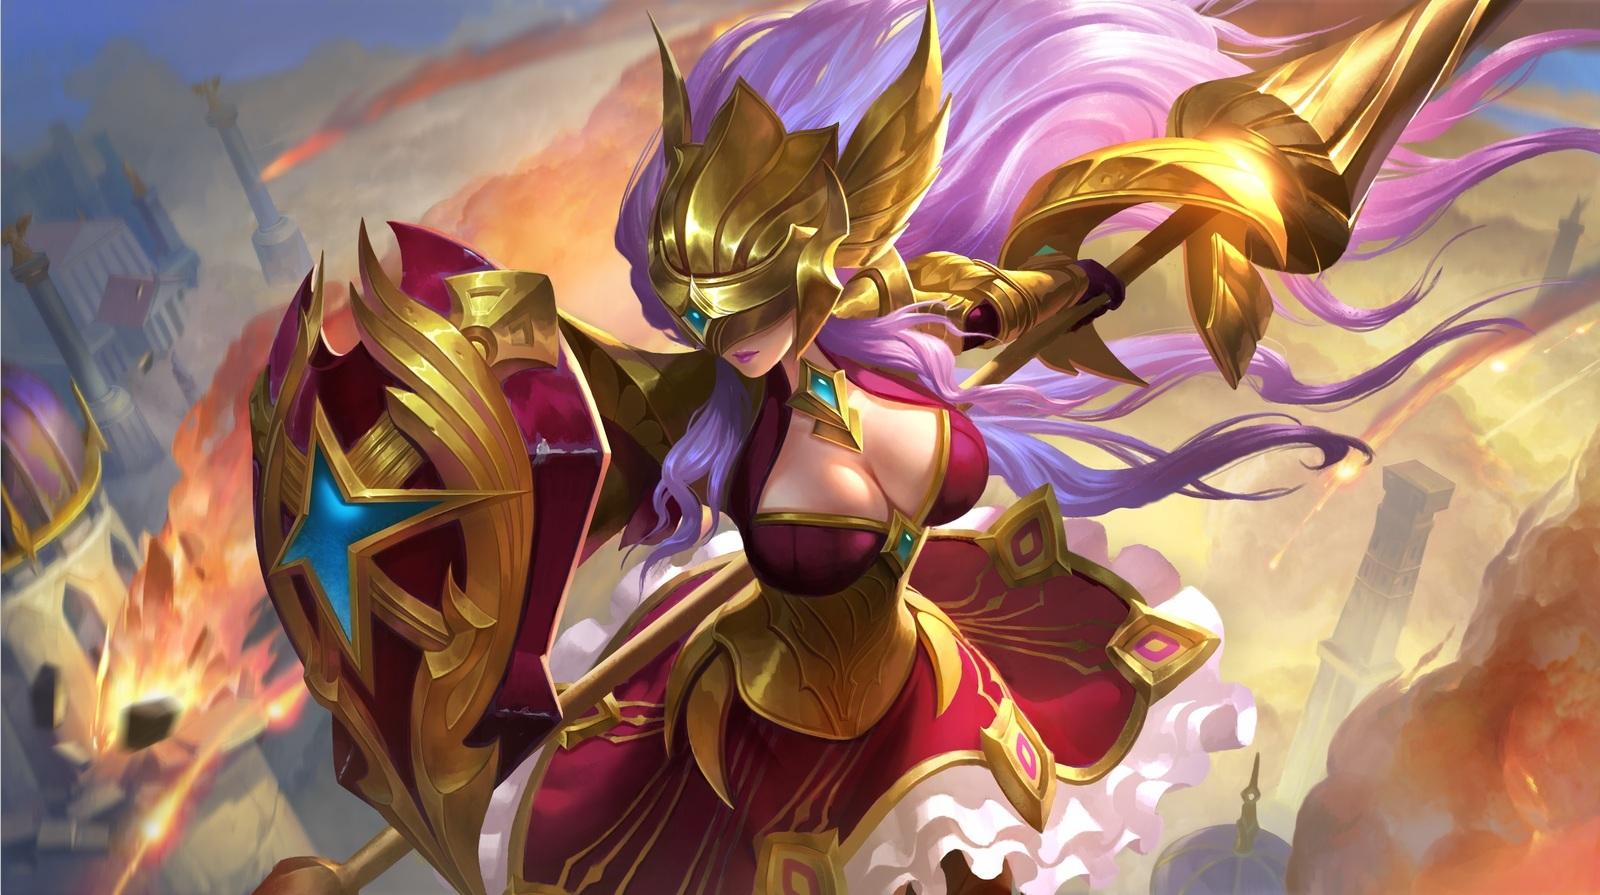 《王者荣耀》新英雄雅典娜